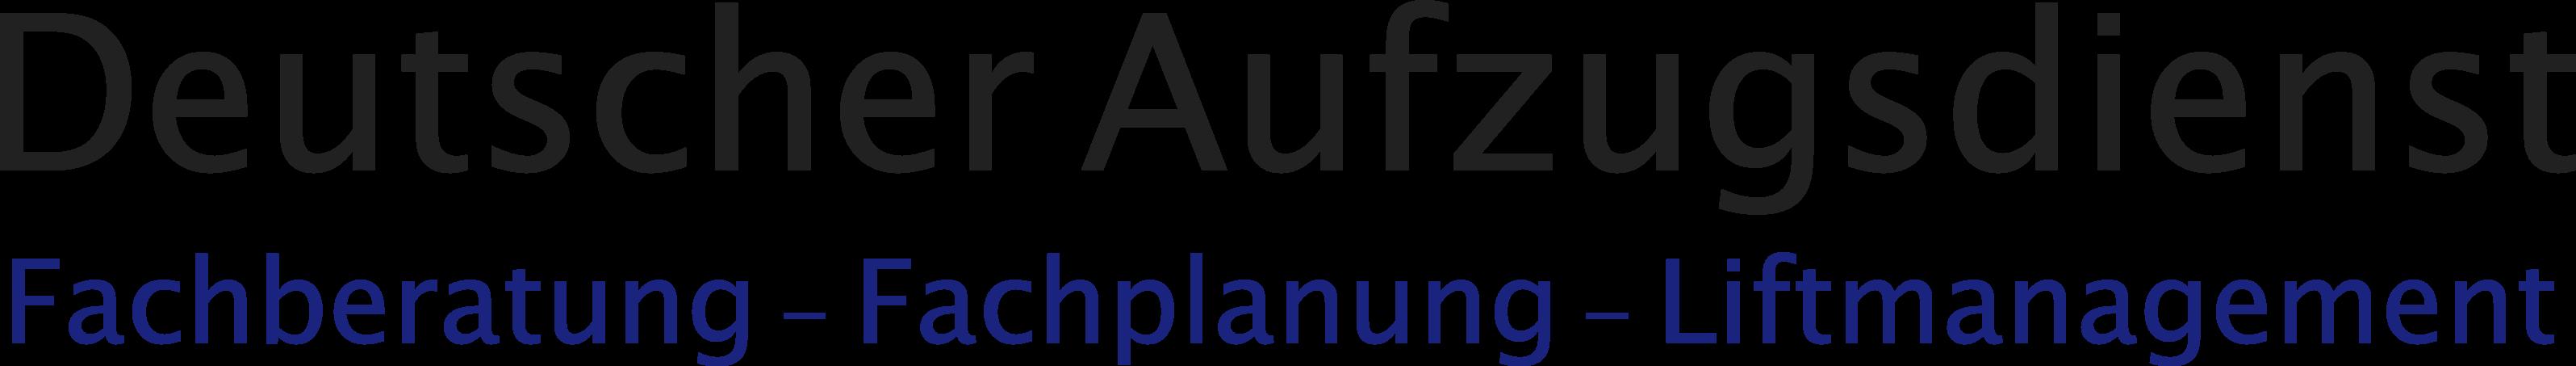 deutscher-aufzugsdienst